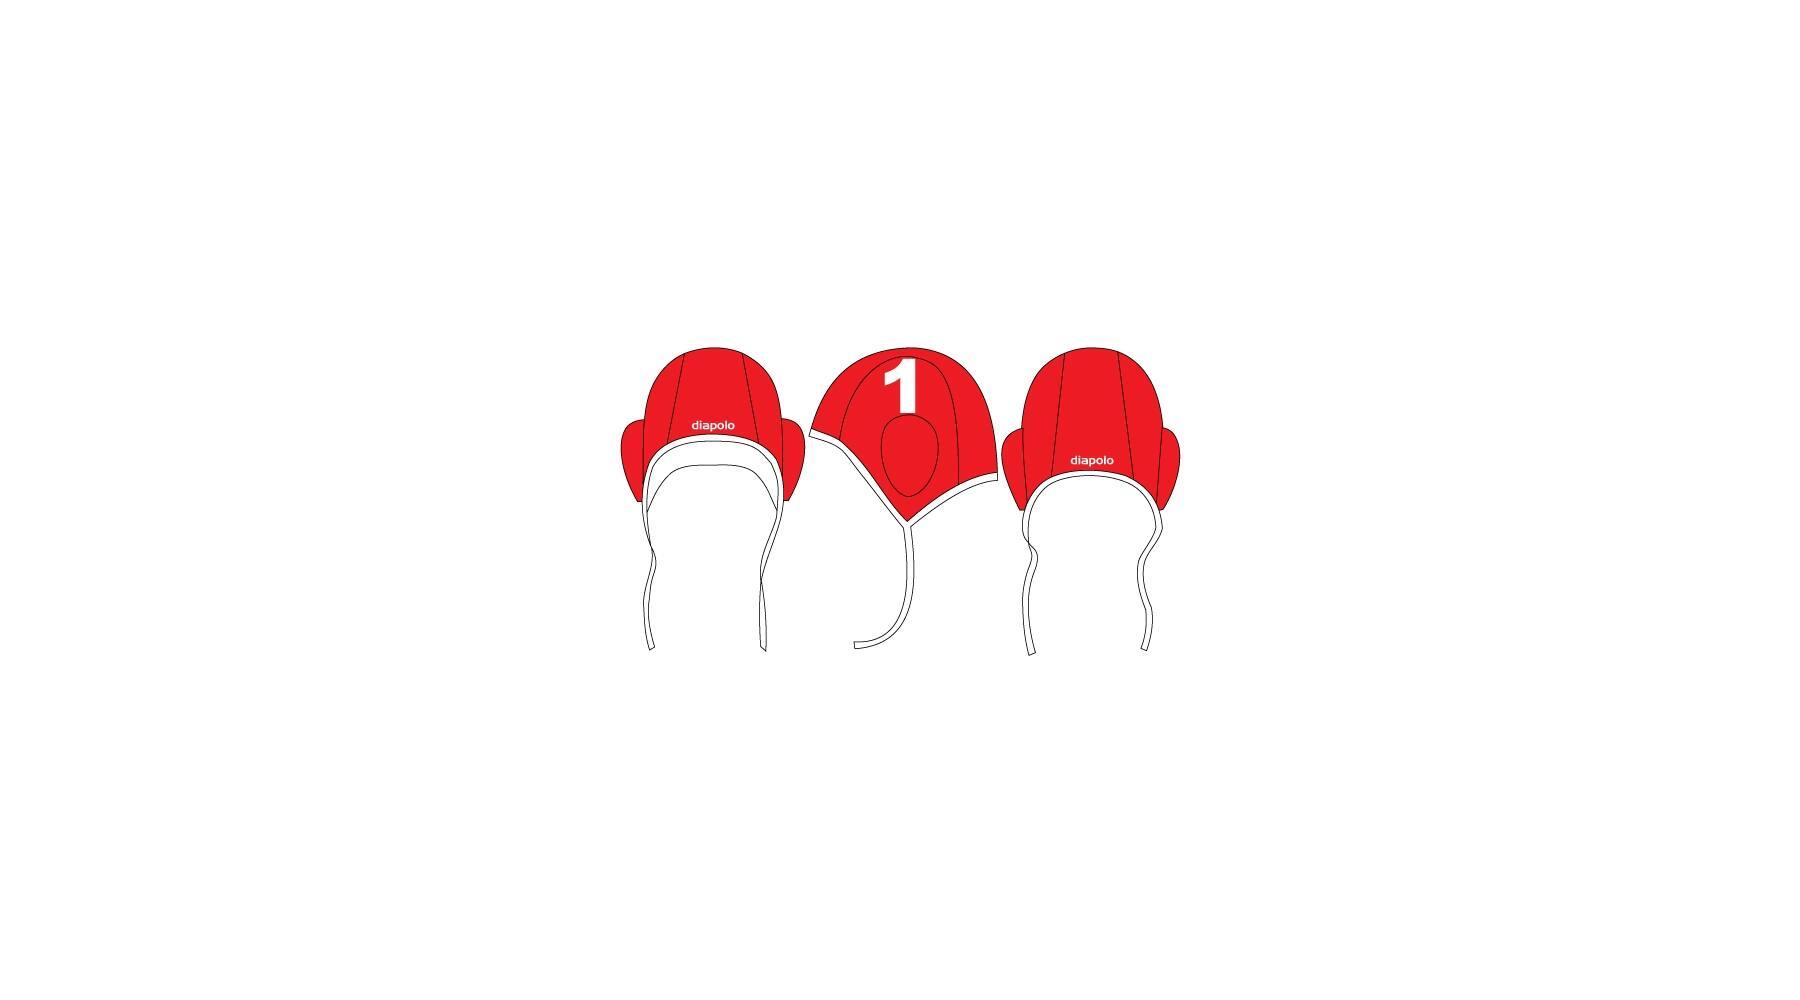 6dcf83e3d0 Diapolo Piros-fehér vízilabda sapka, 14 számmal - a-Wear Sport ...